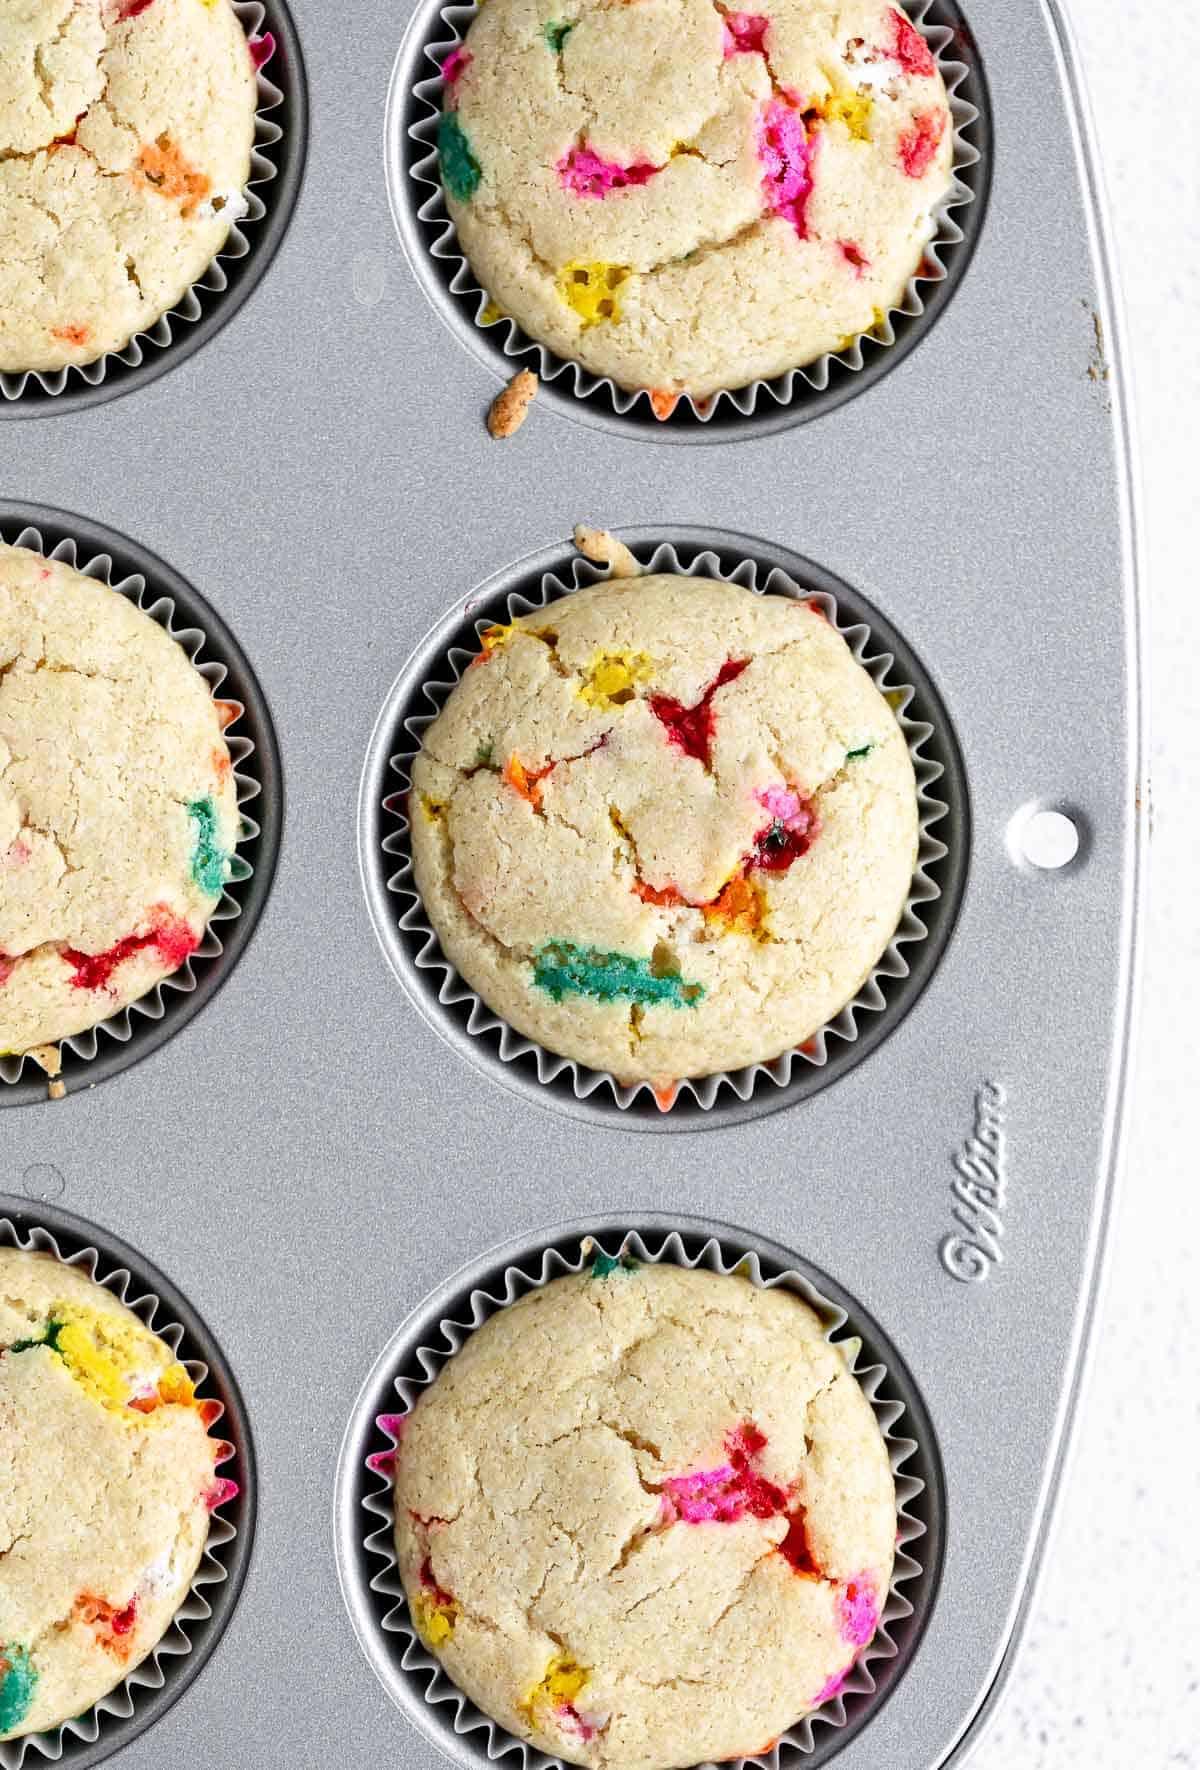 vegan funfetti cupcakes in the cupcake tray